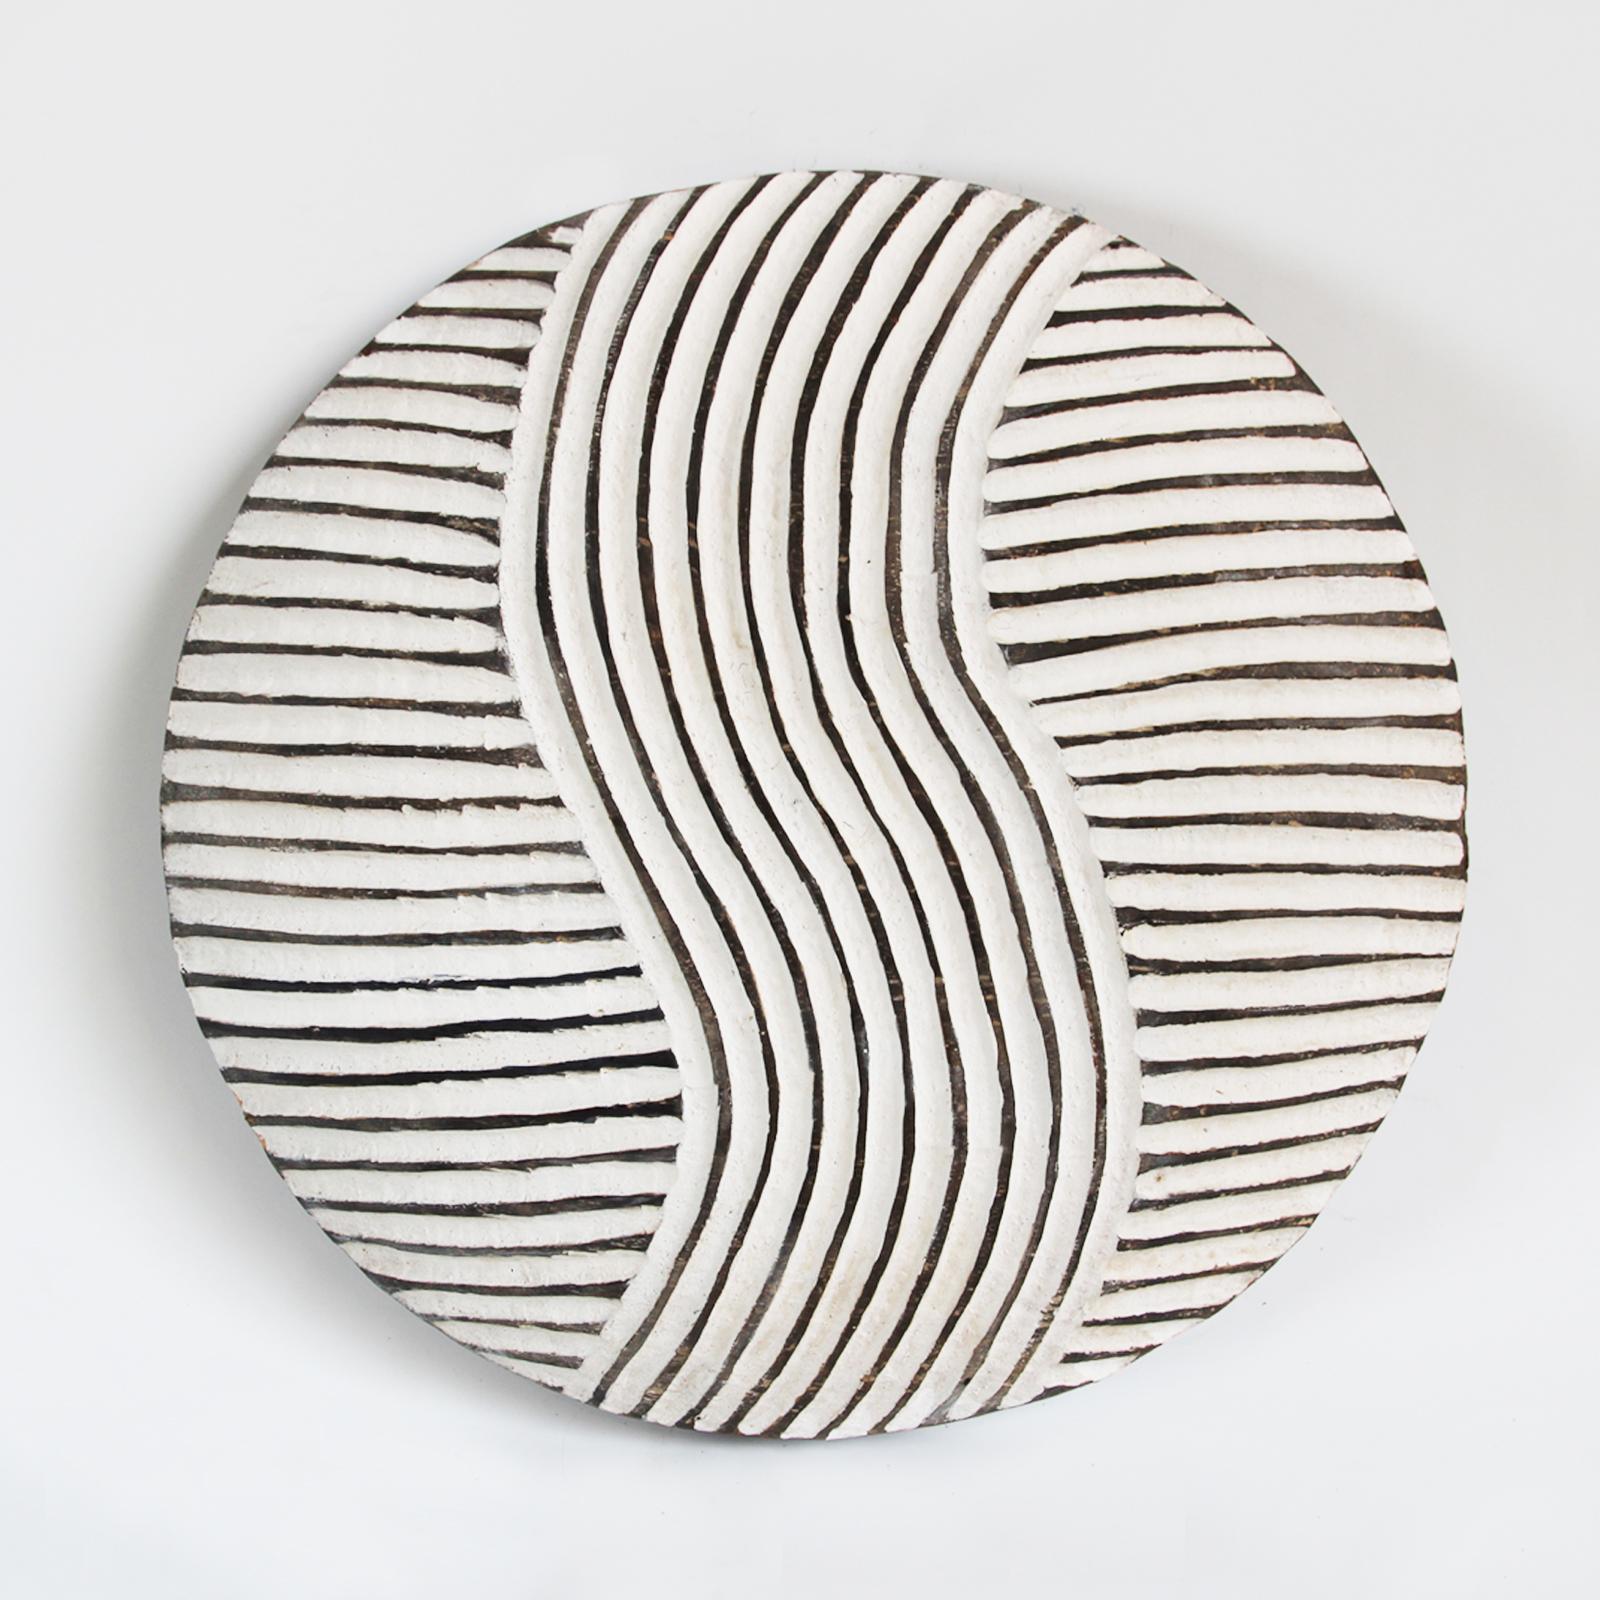 Zulu Shield Furniture Design Mix Gallery